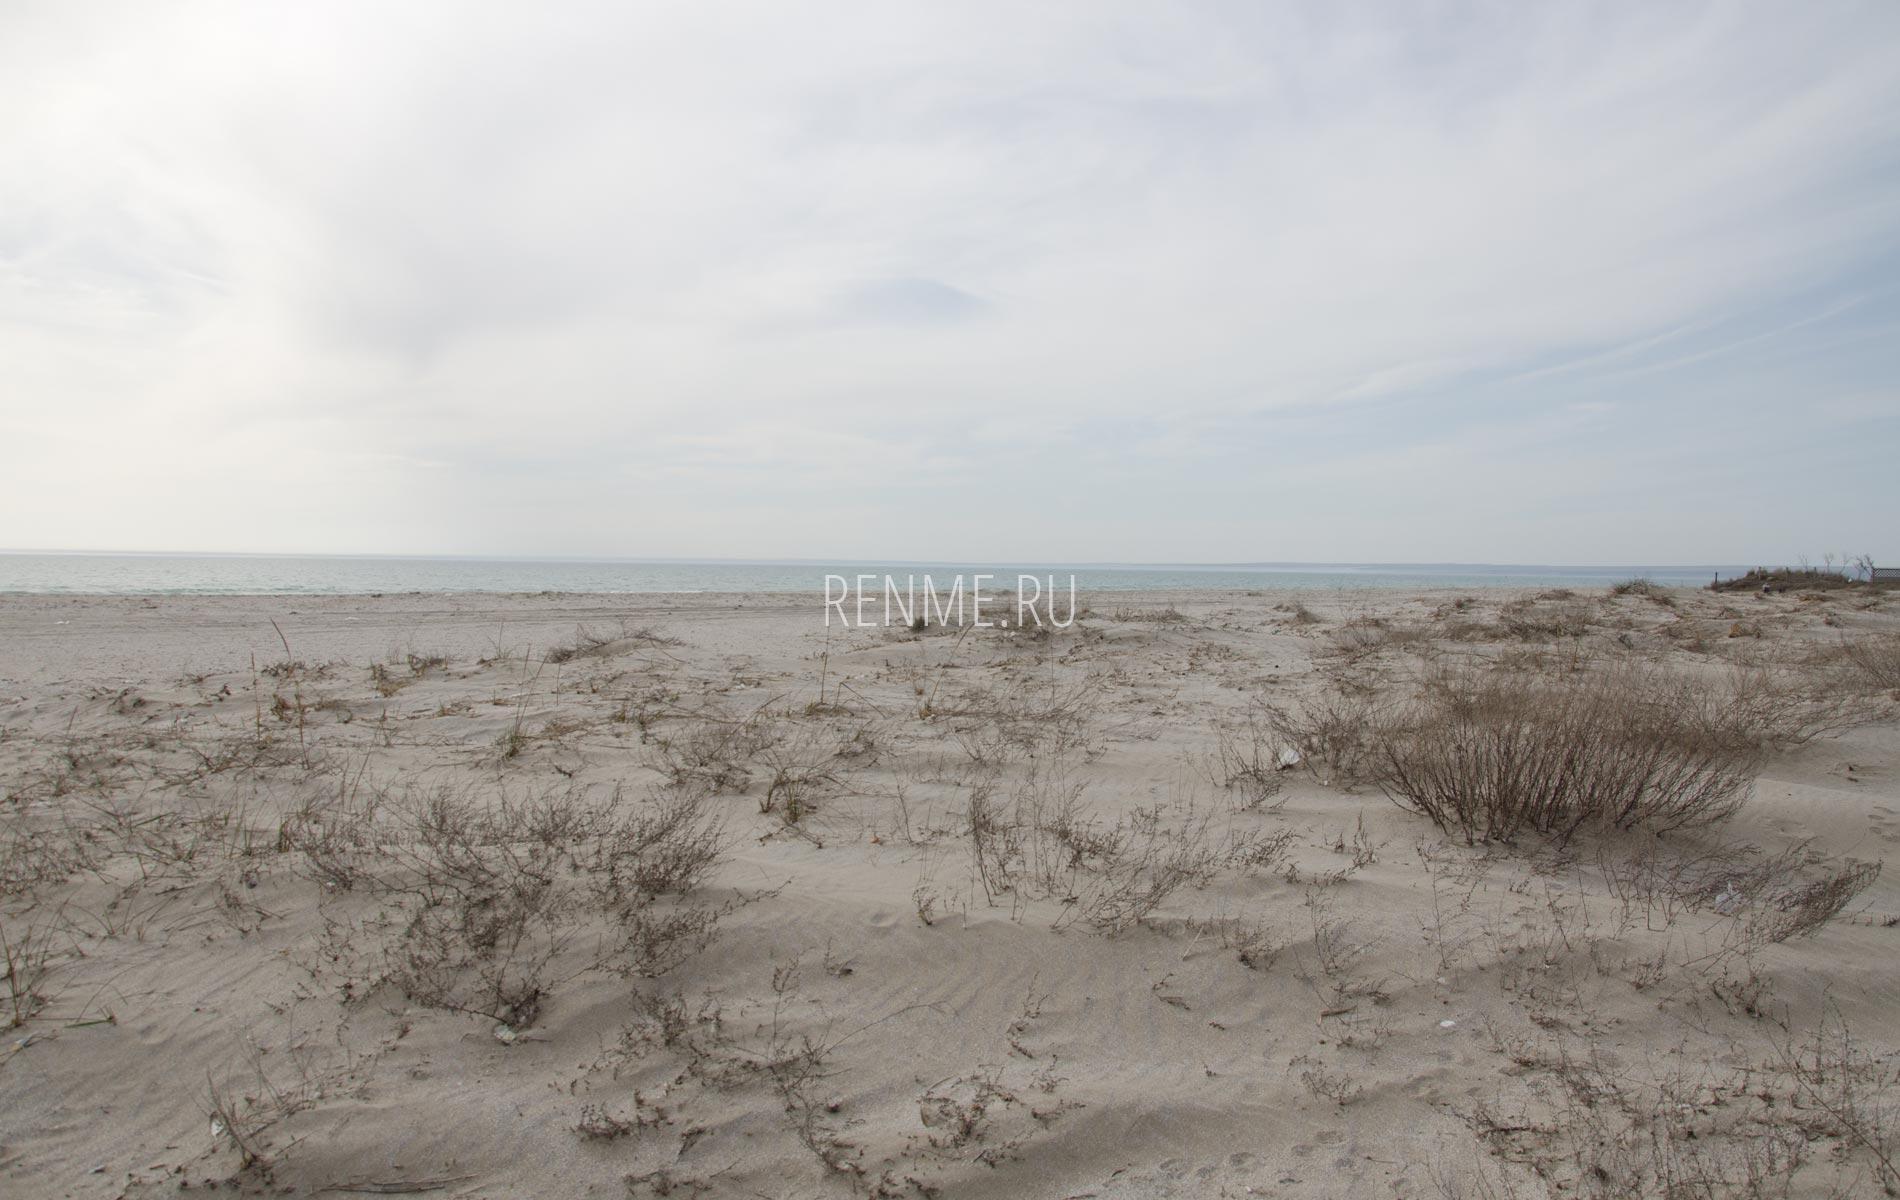 Дюны на пляже в Мирном. Фото Мирного